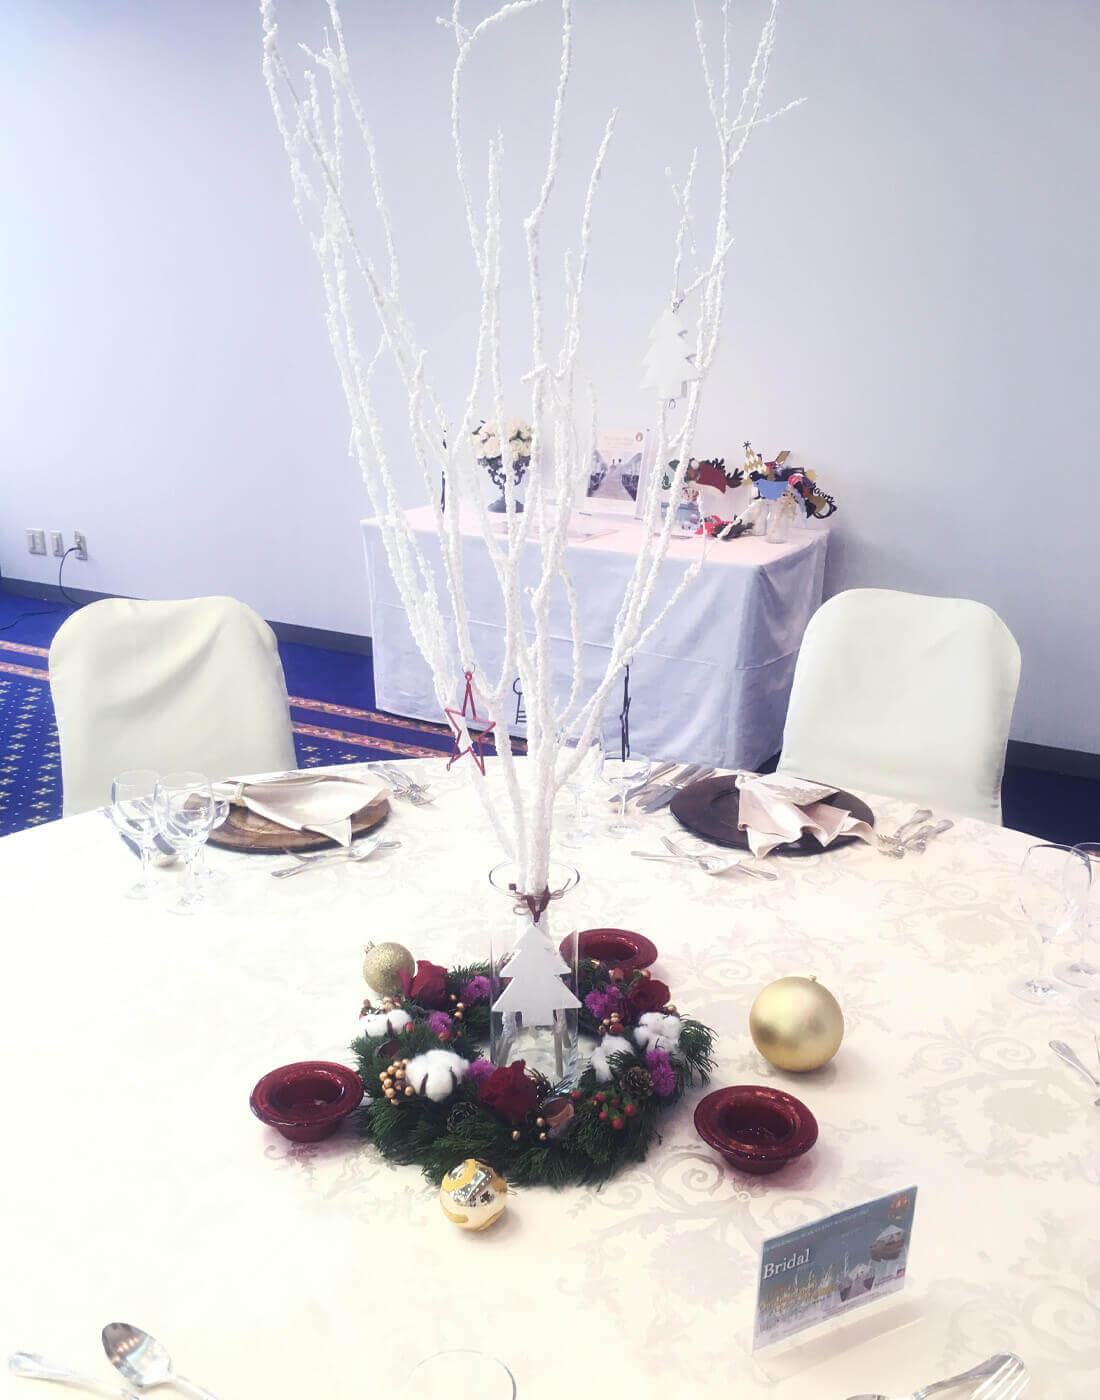 ブライダルのゲストテーブルのフラワー装飾57